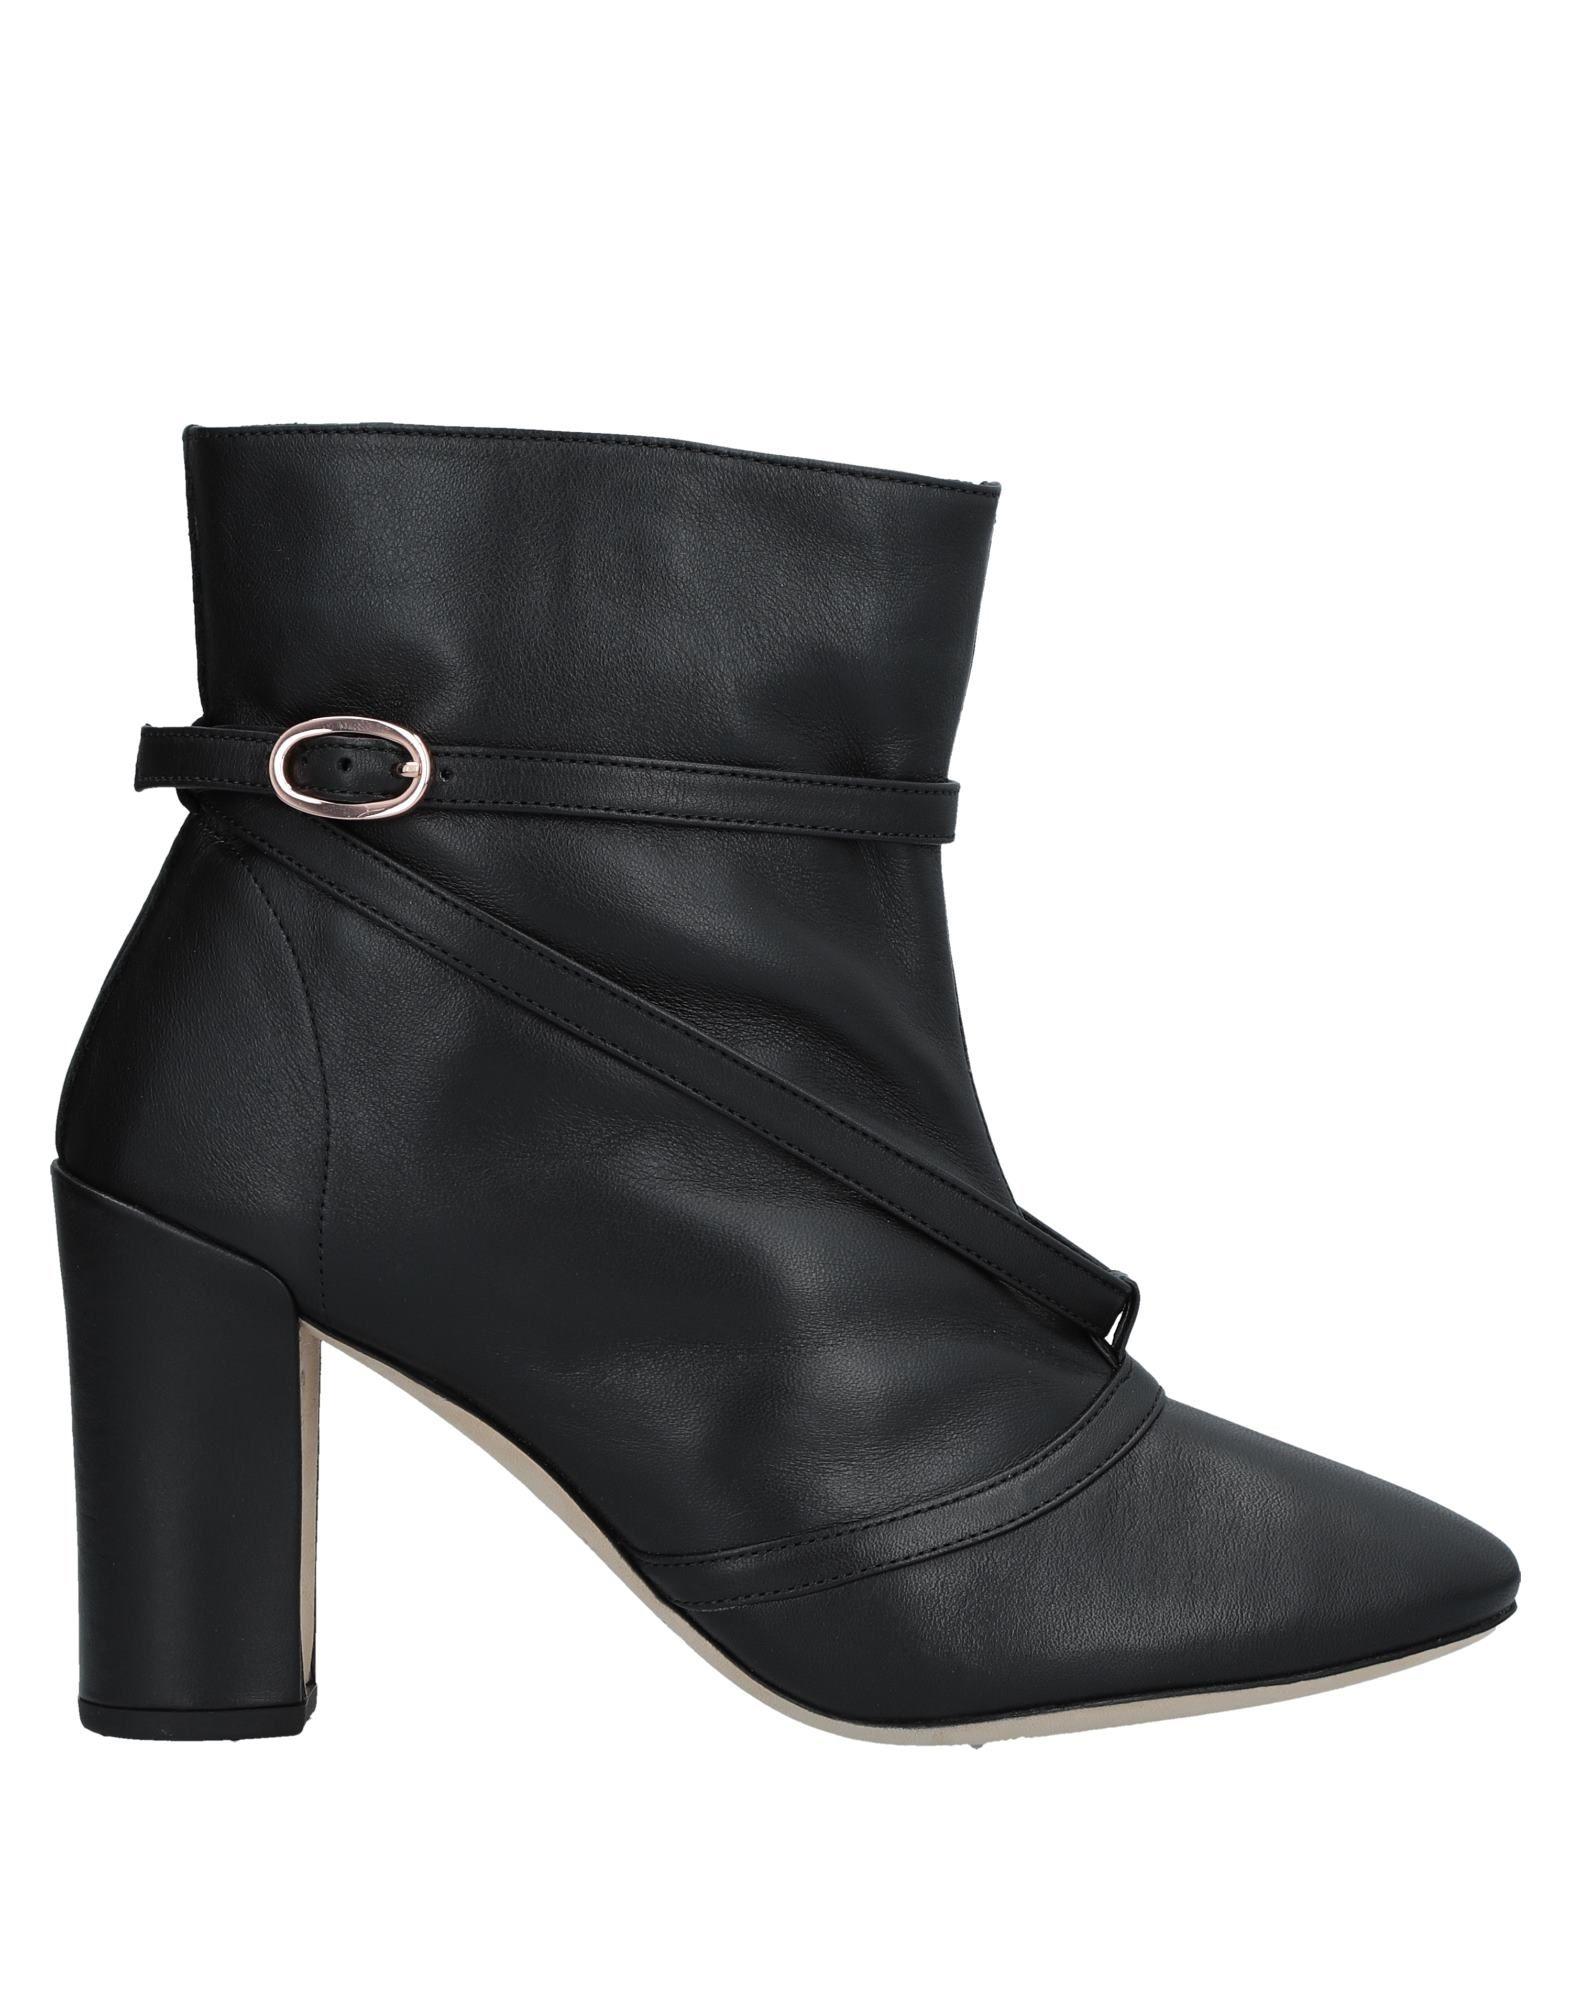 Rabatt Schuhe Repetto Stiefelette Damen  11529146DE